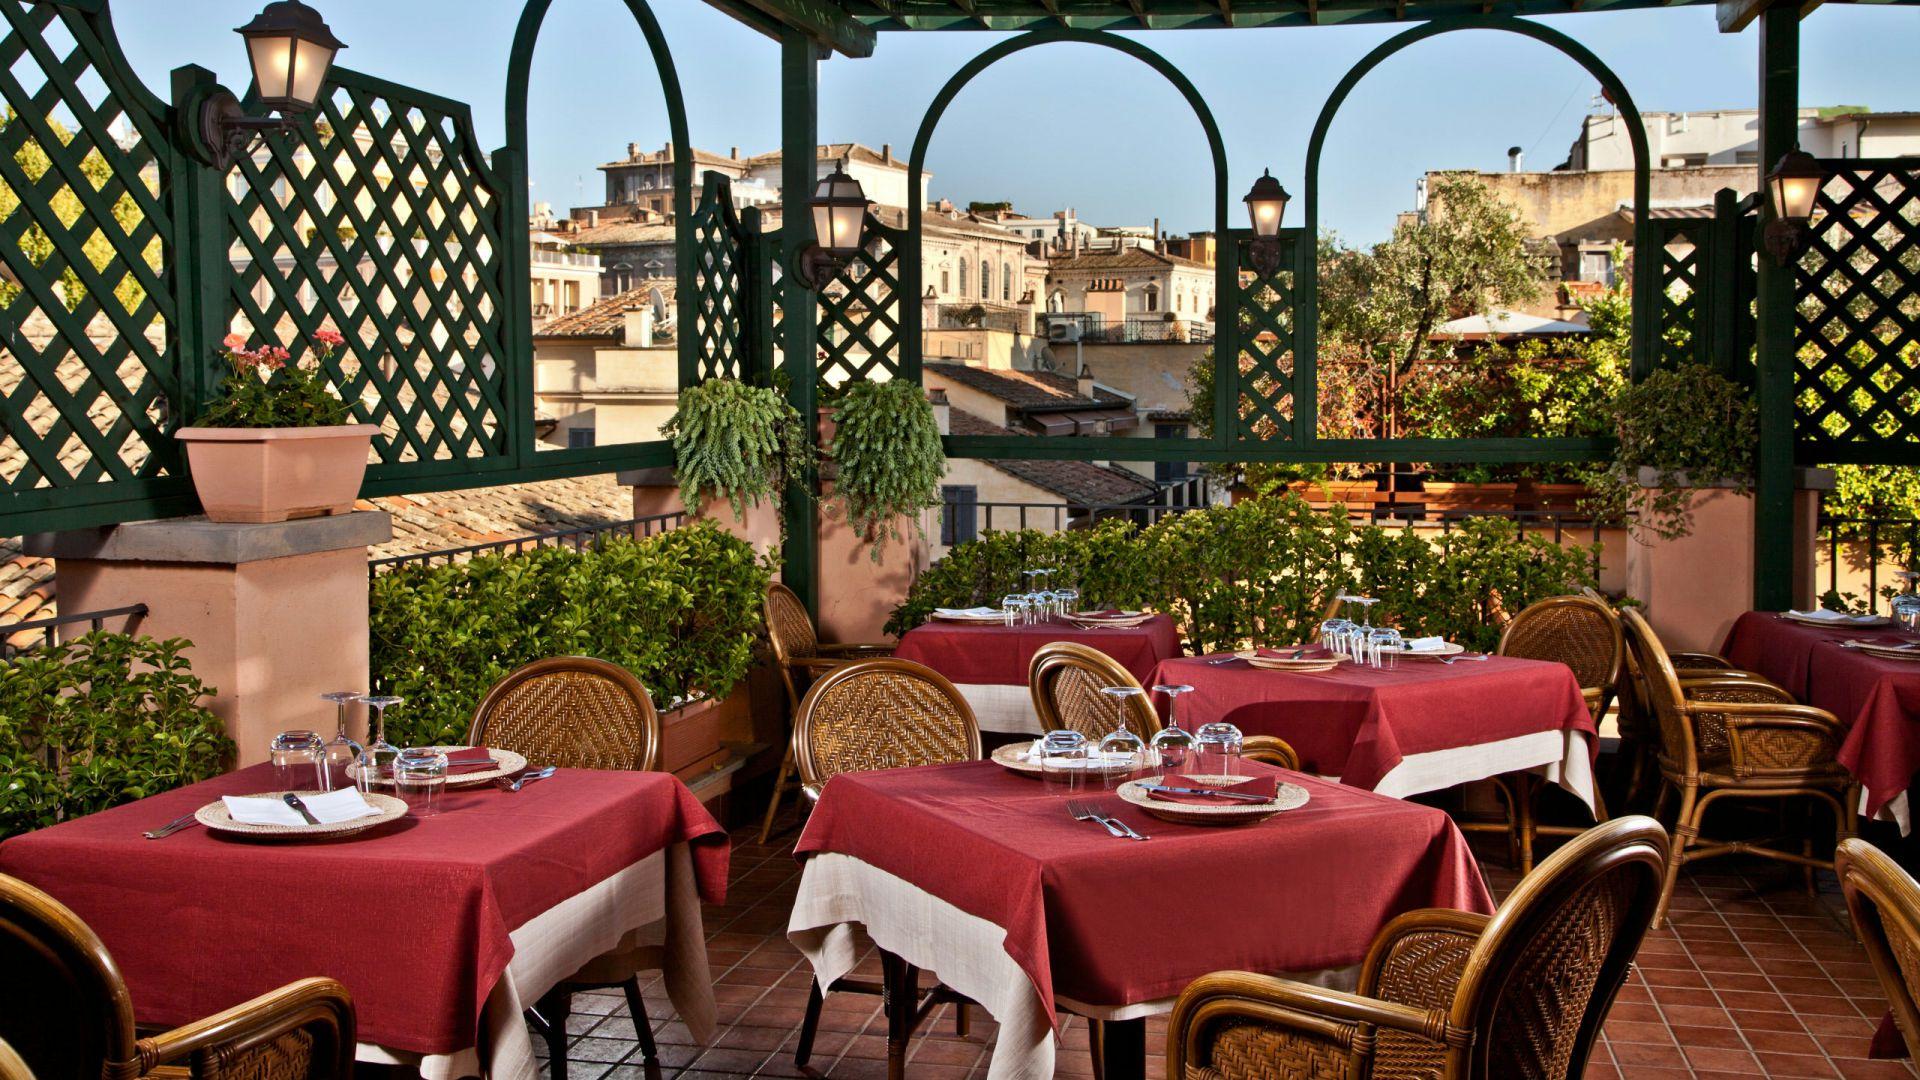 albergo-ottocento-rome-terrasse-01